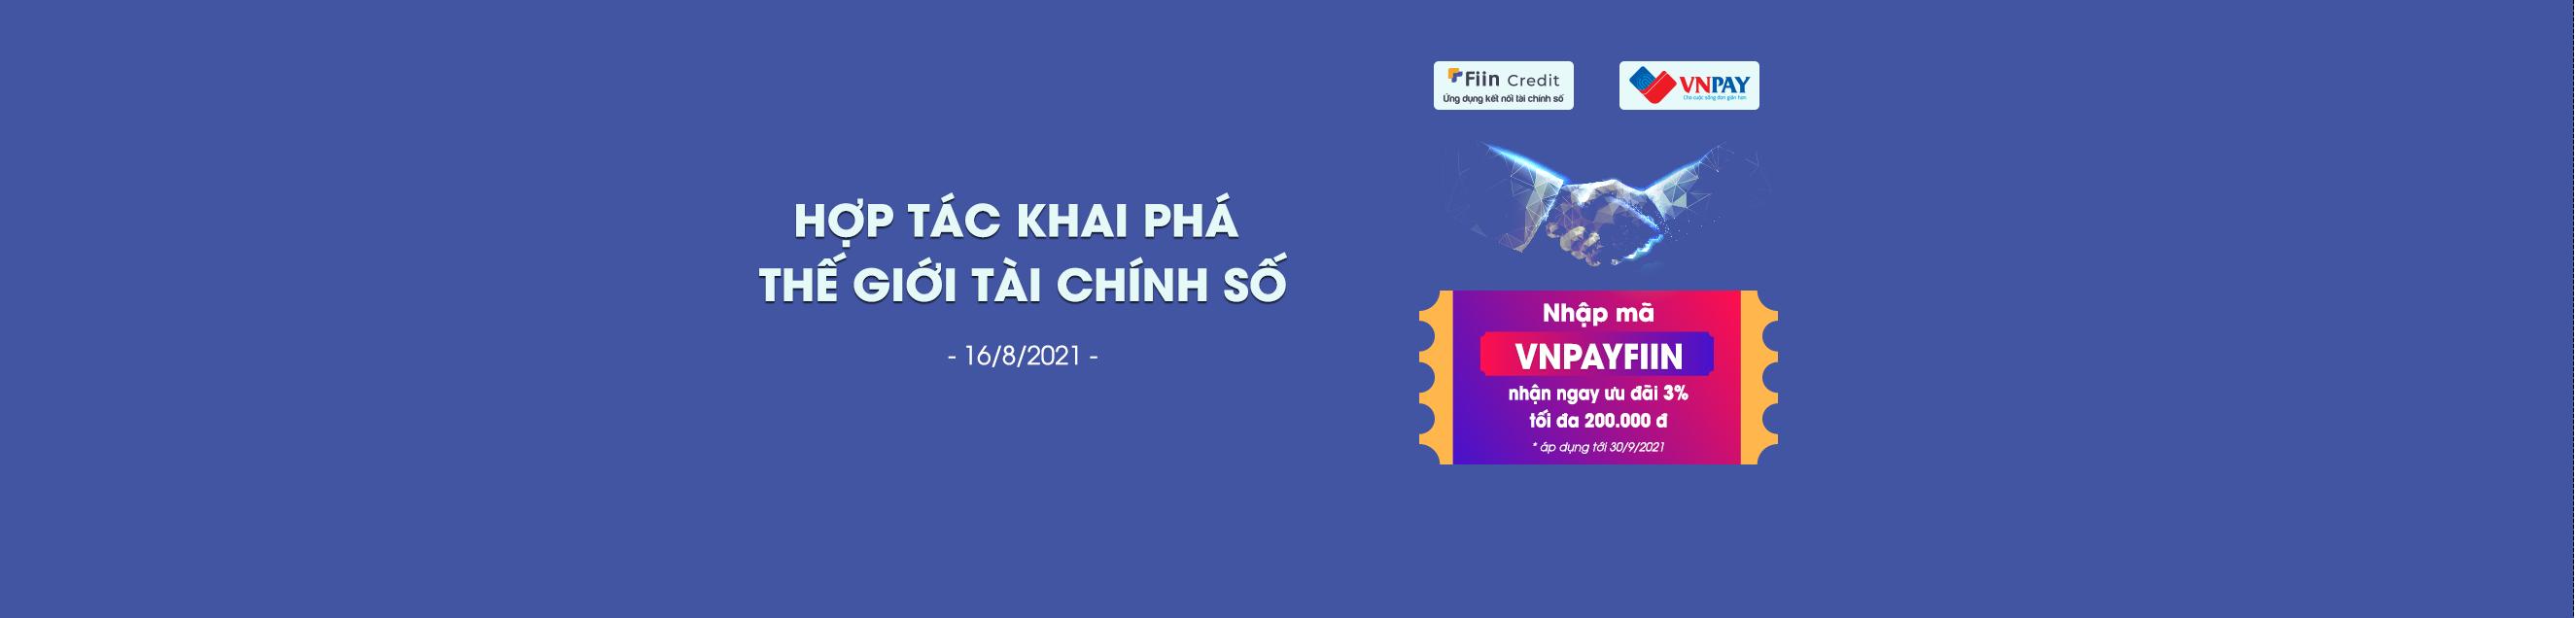 Fiin Credit hợp tác VNPAY, góp phần thúc đẩy phổ cập Tài chính số toàn diện và gia tăng tiện ích cho người dùng.